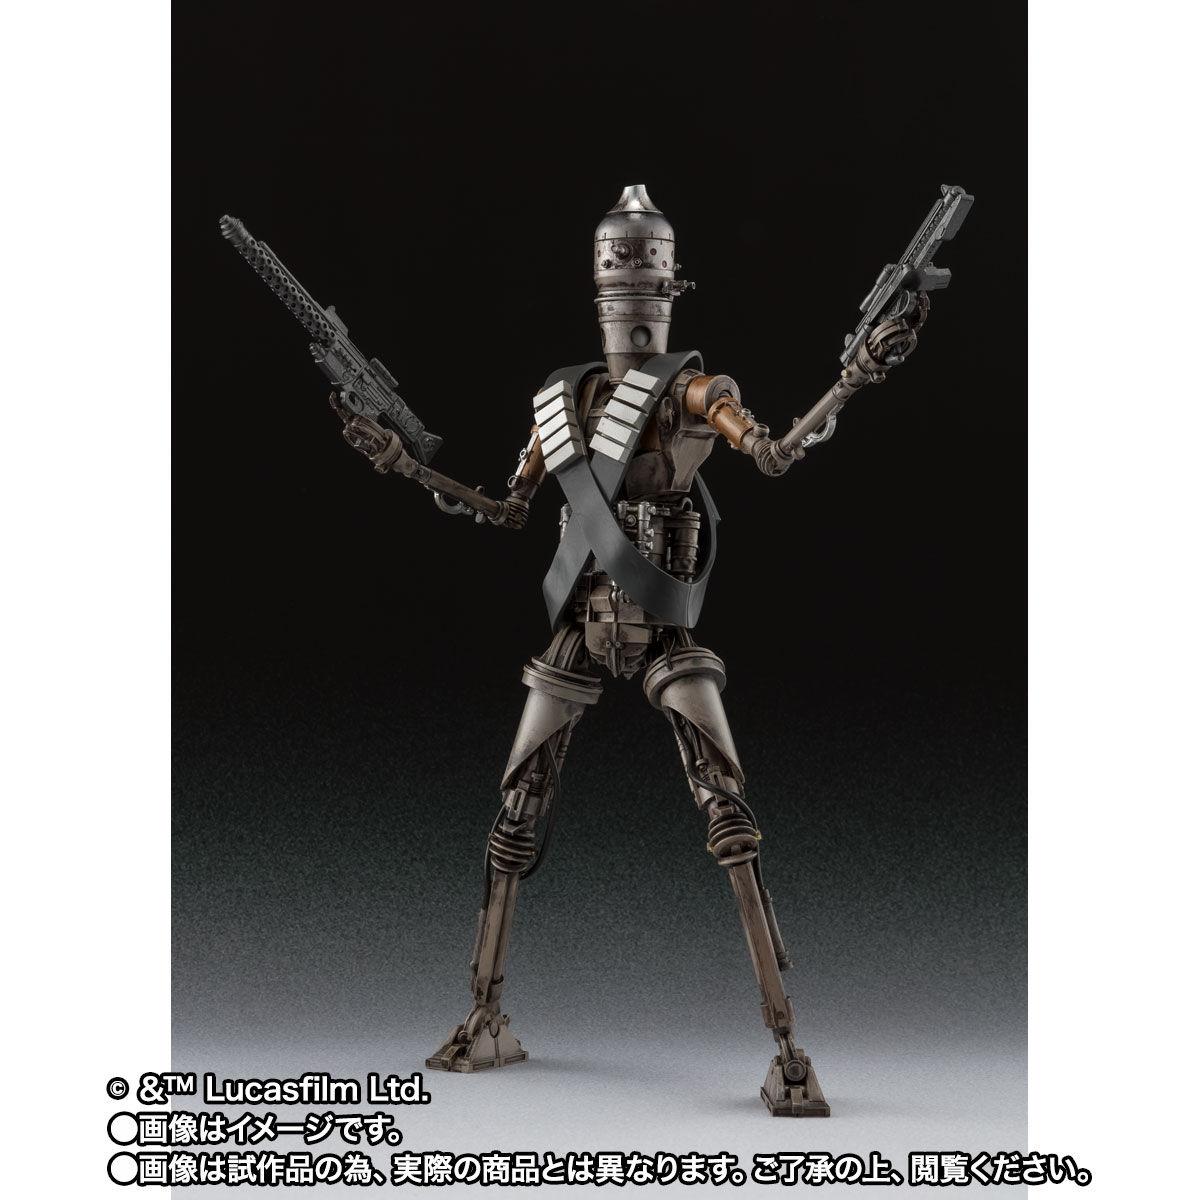 【限定販売】S.H.Figuarts『IG-11(STAR WARS:The Mandalorian)』マンダロリアン 可動フィギュア-005